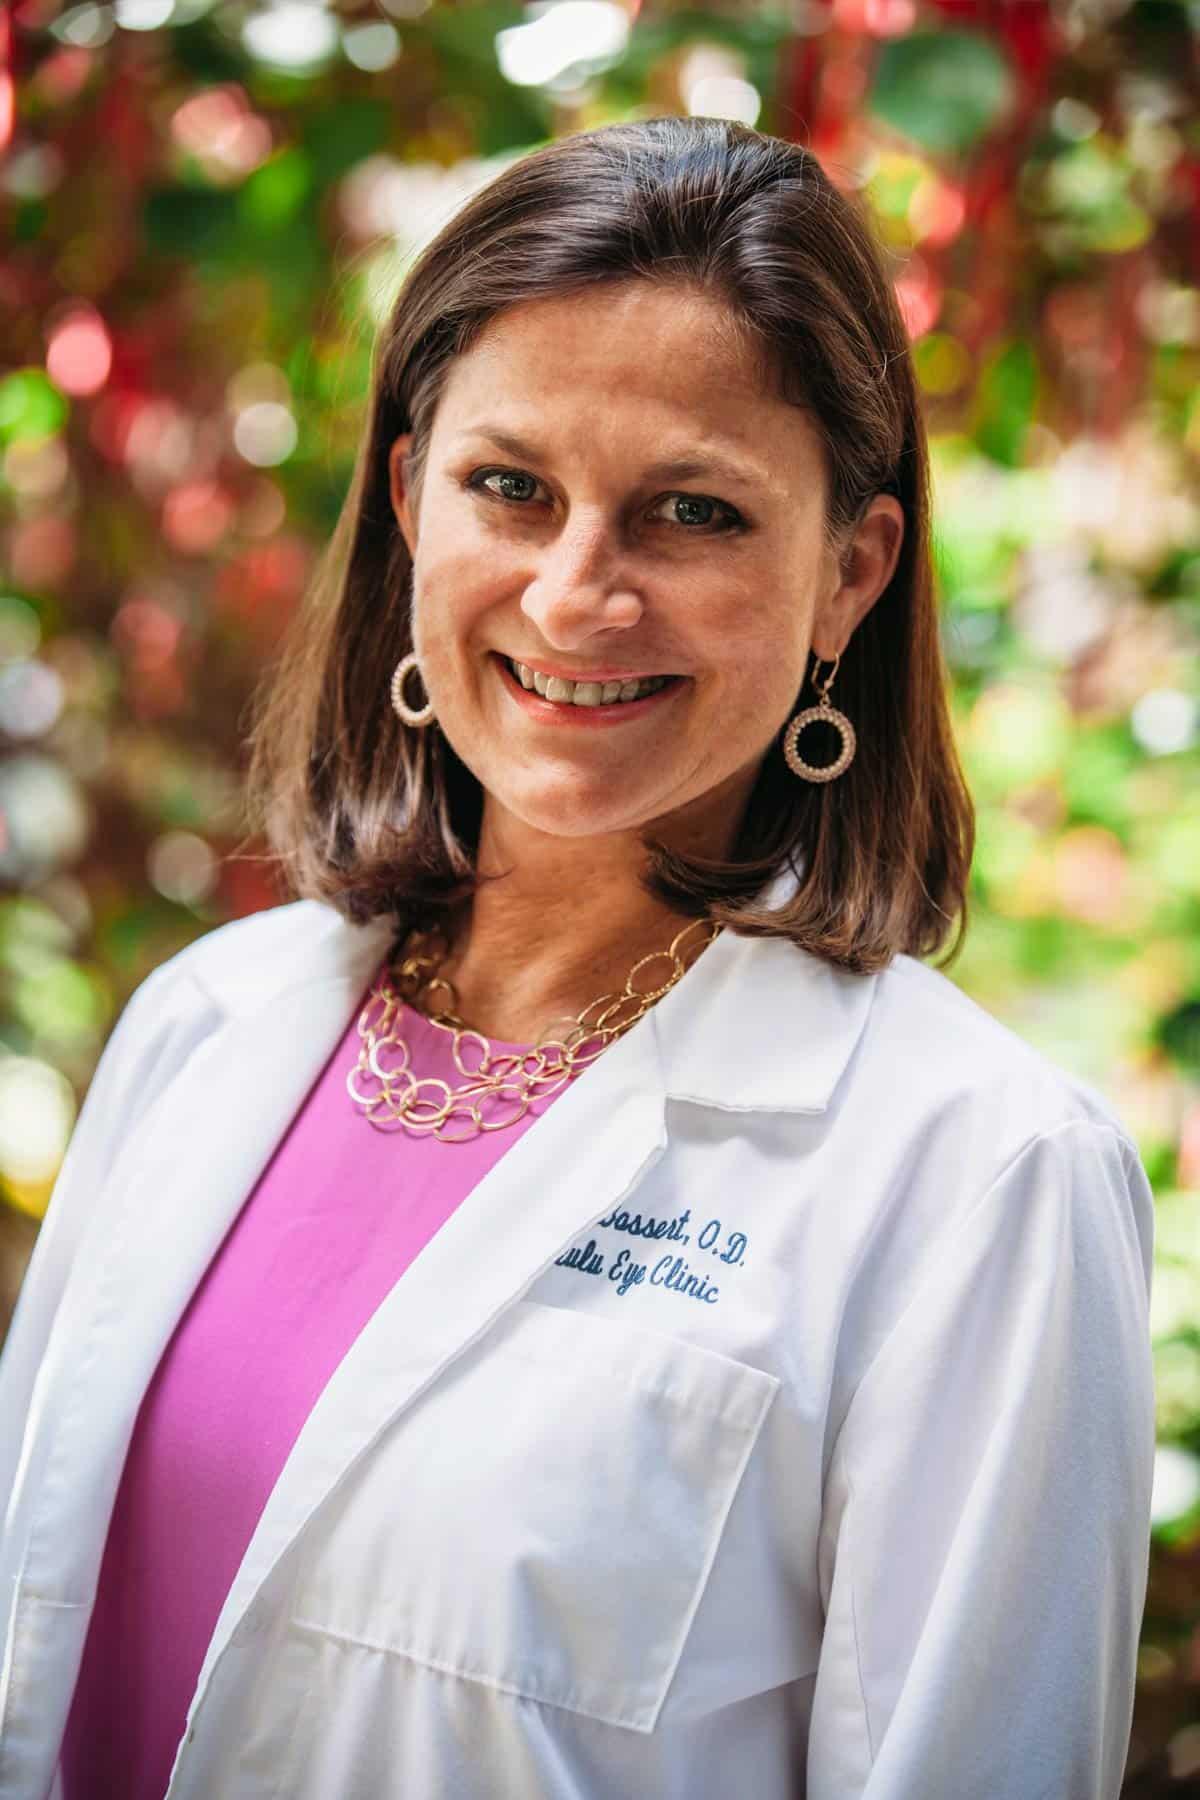 Dr Jenifer Bossert